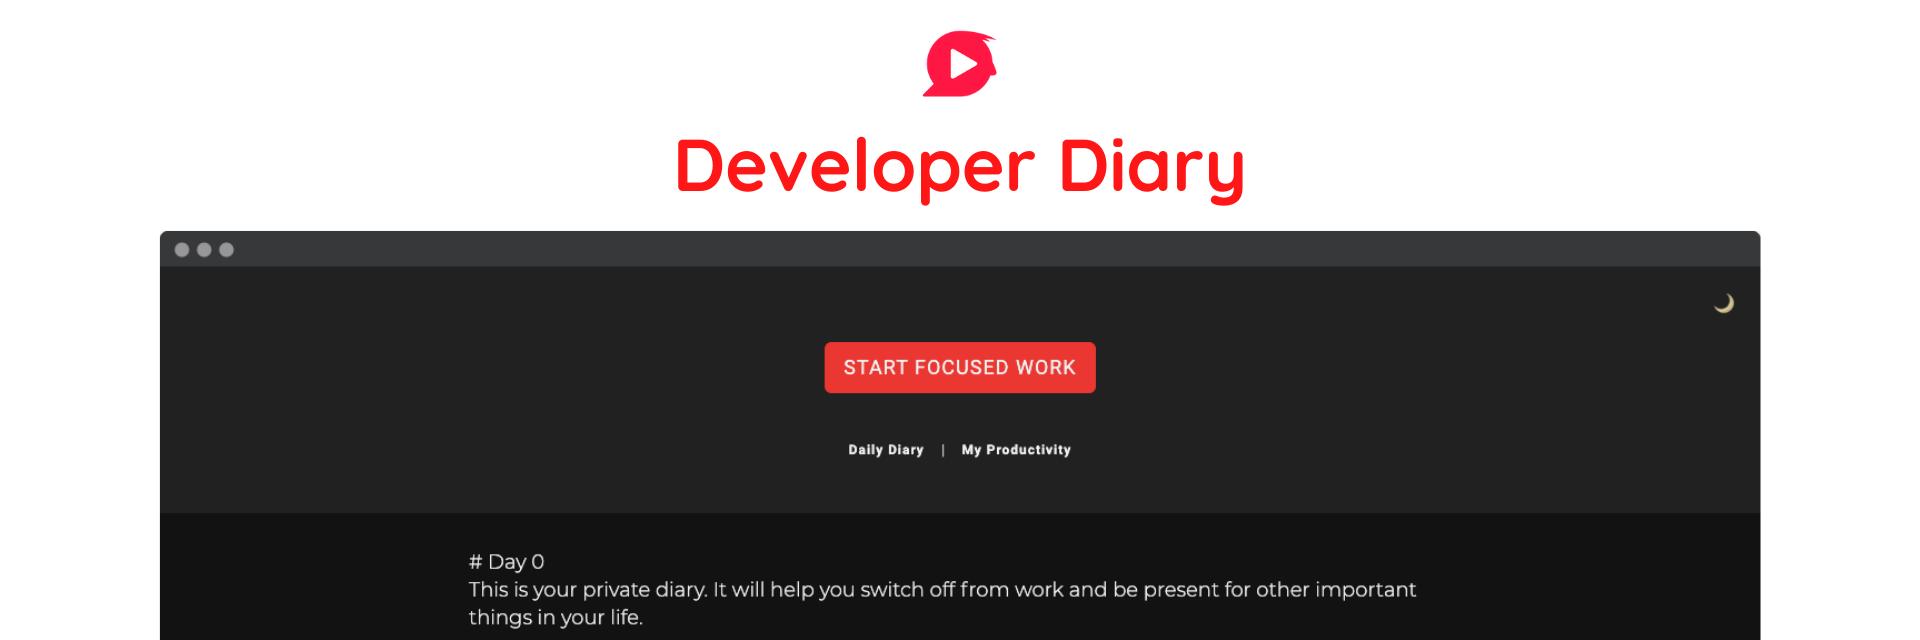 Developer Diary banner